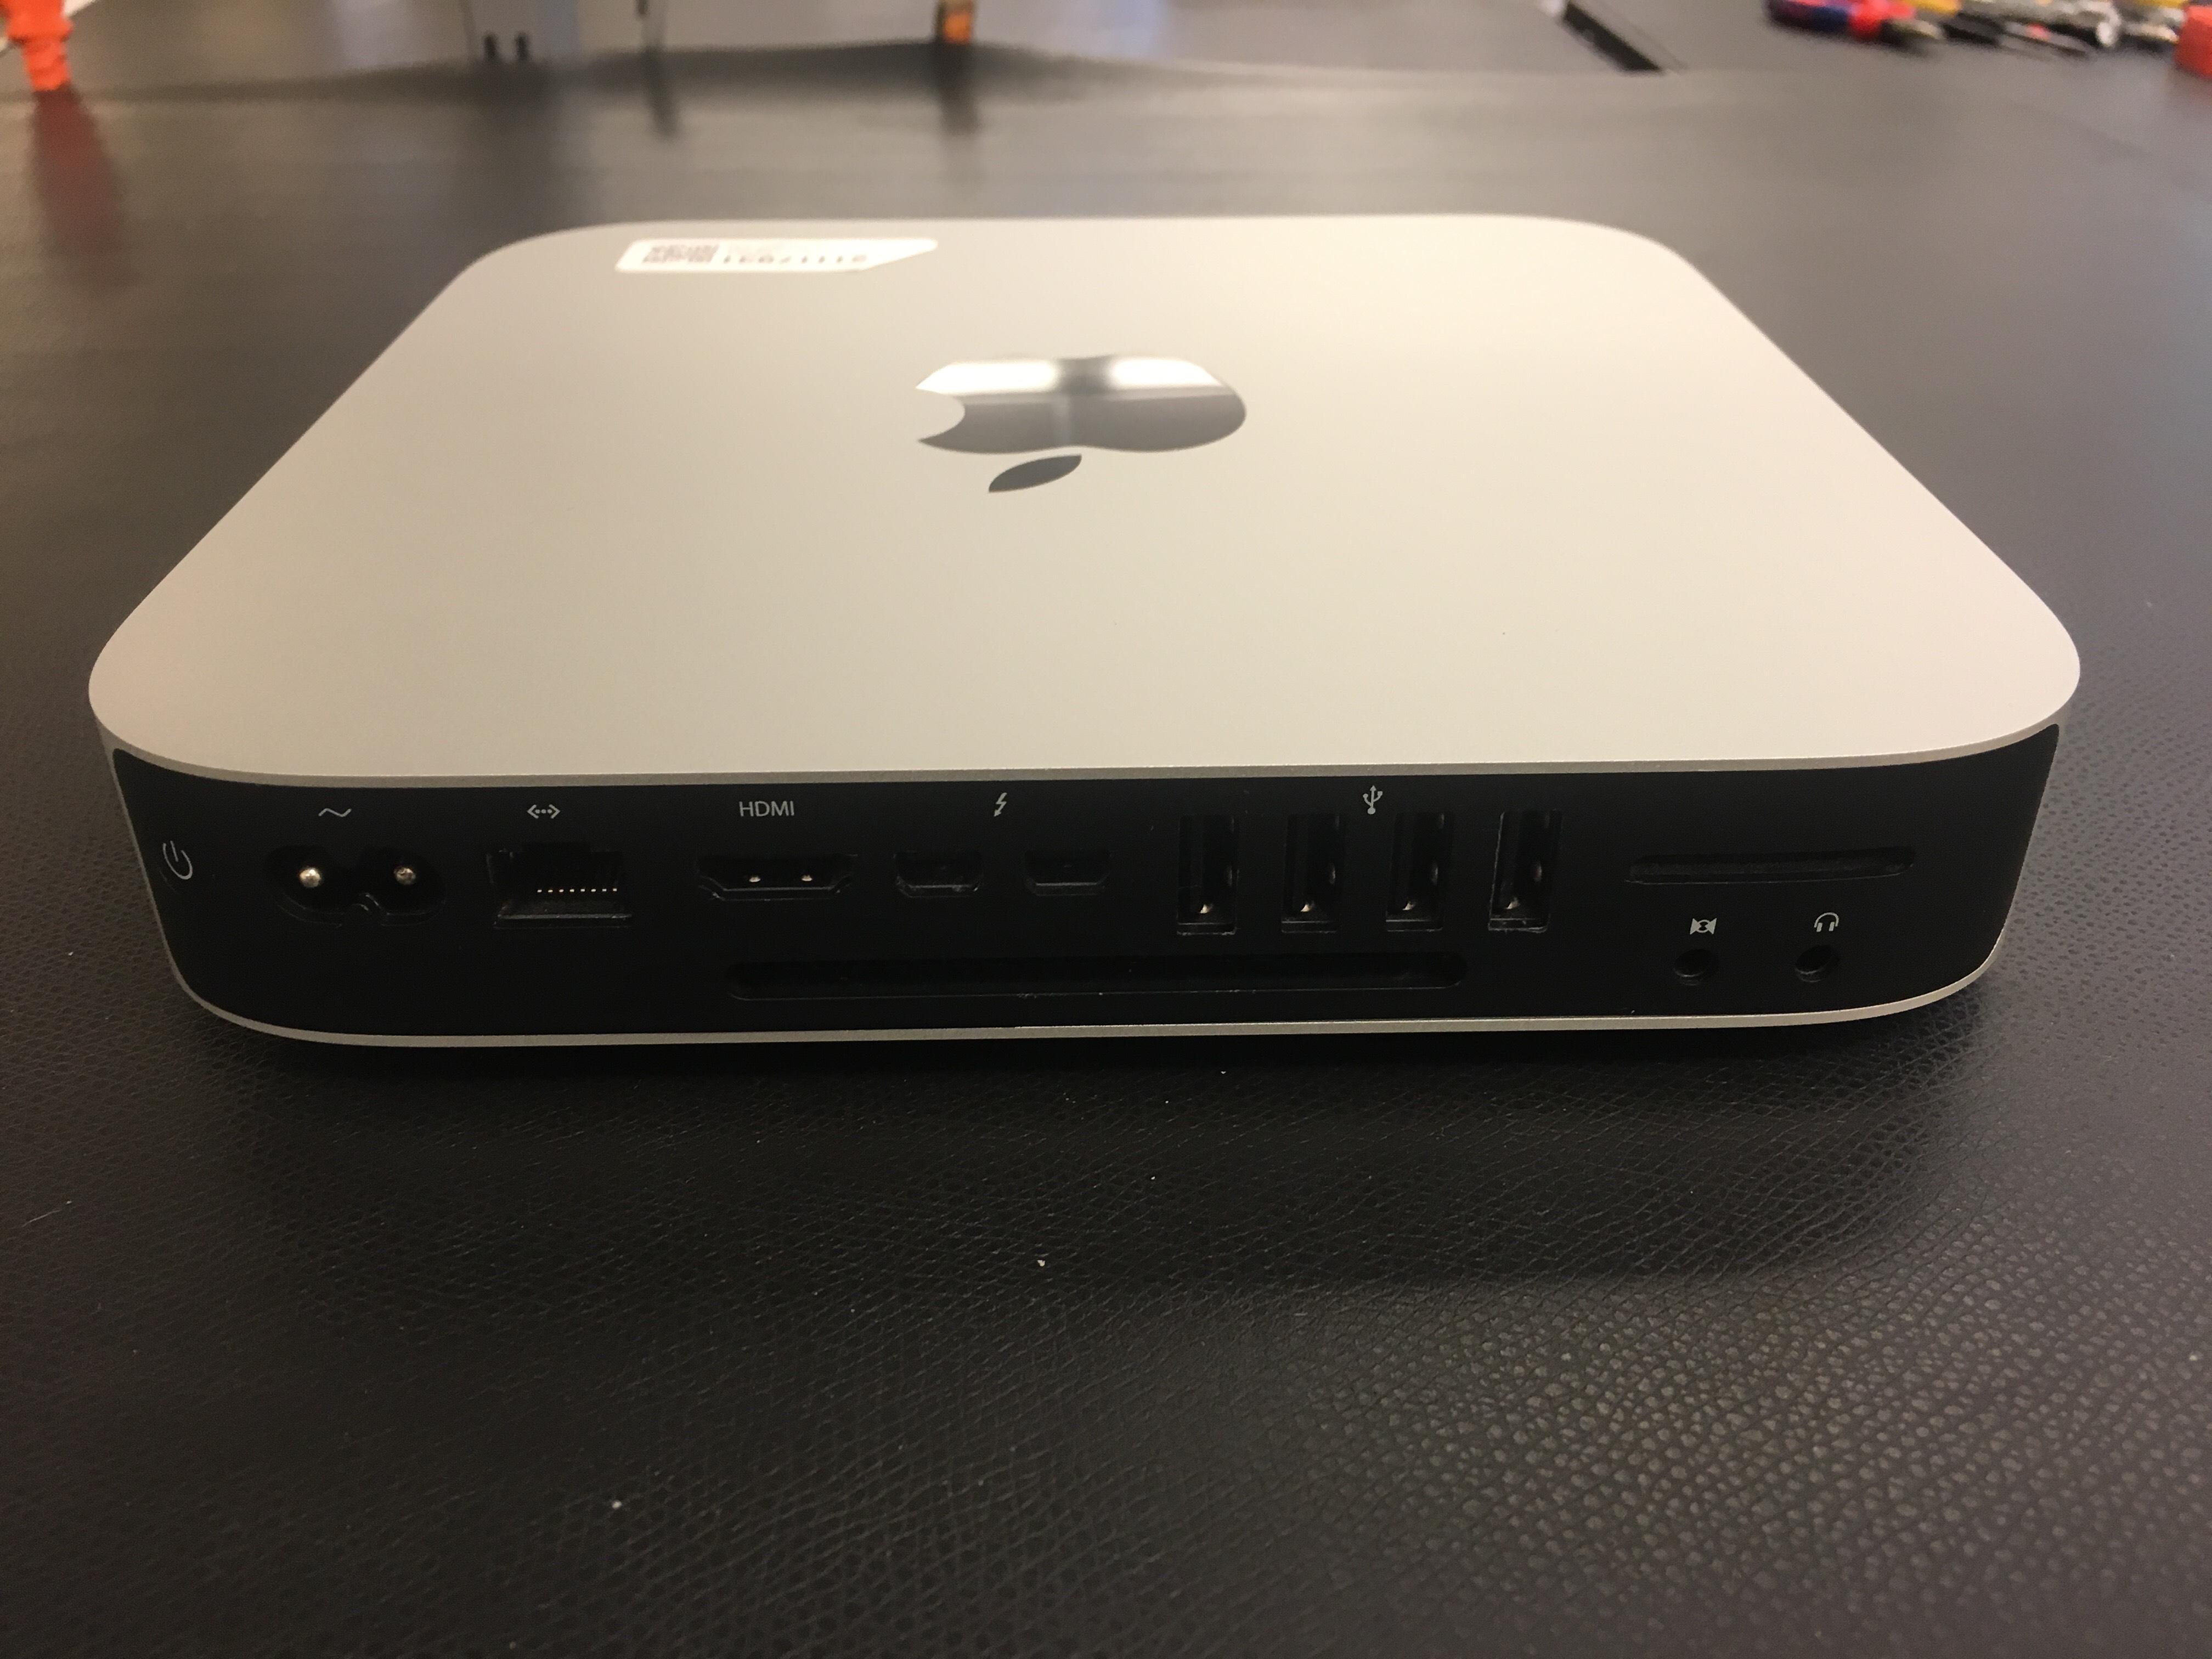 Mac Mini Late 2014 (Intel Core i5 2.6 GHz 8 GB RAM 1 TB HDD), Intel Core i5 2.6 GHz (Haswell), 8 GB PC3-12800 (1600 MHz) LPDDR3, 1 TB, bild 3